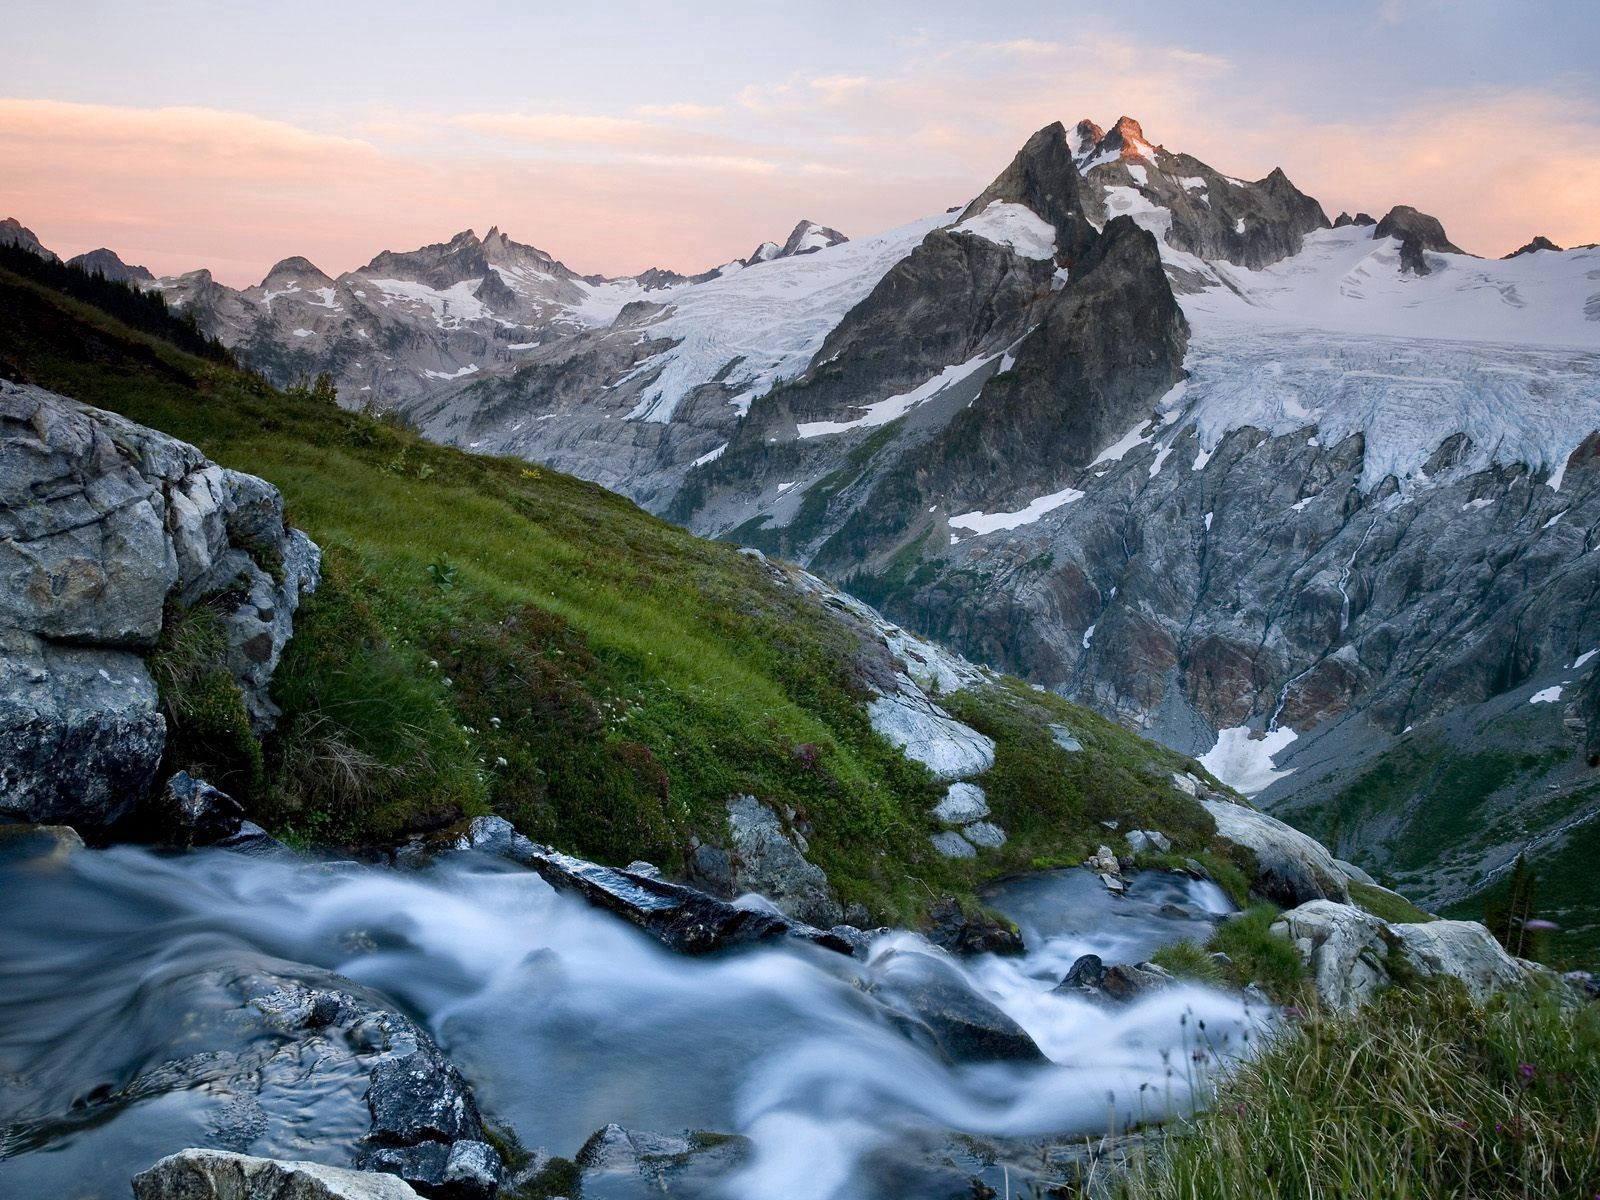 142247 скачать обои Природа, Вершины, Холод, Река, Склон, Горы - заставки и картинки бесплатно